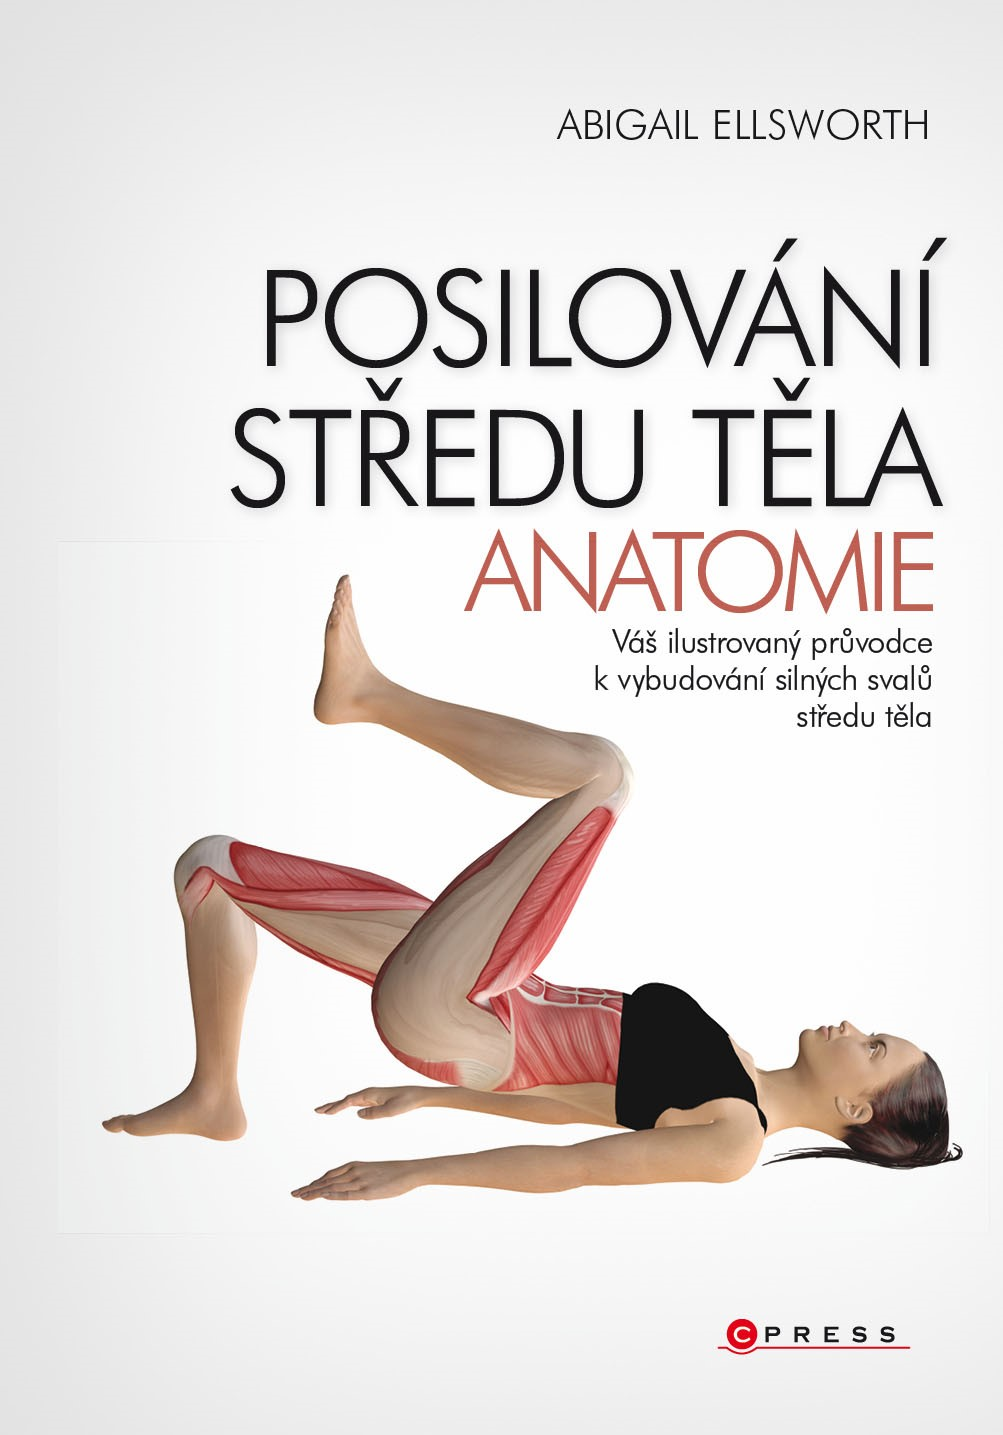 Posilování středu těla - anatomie | Abigail Ellsworth